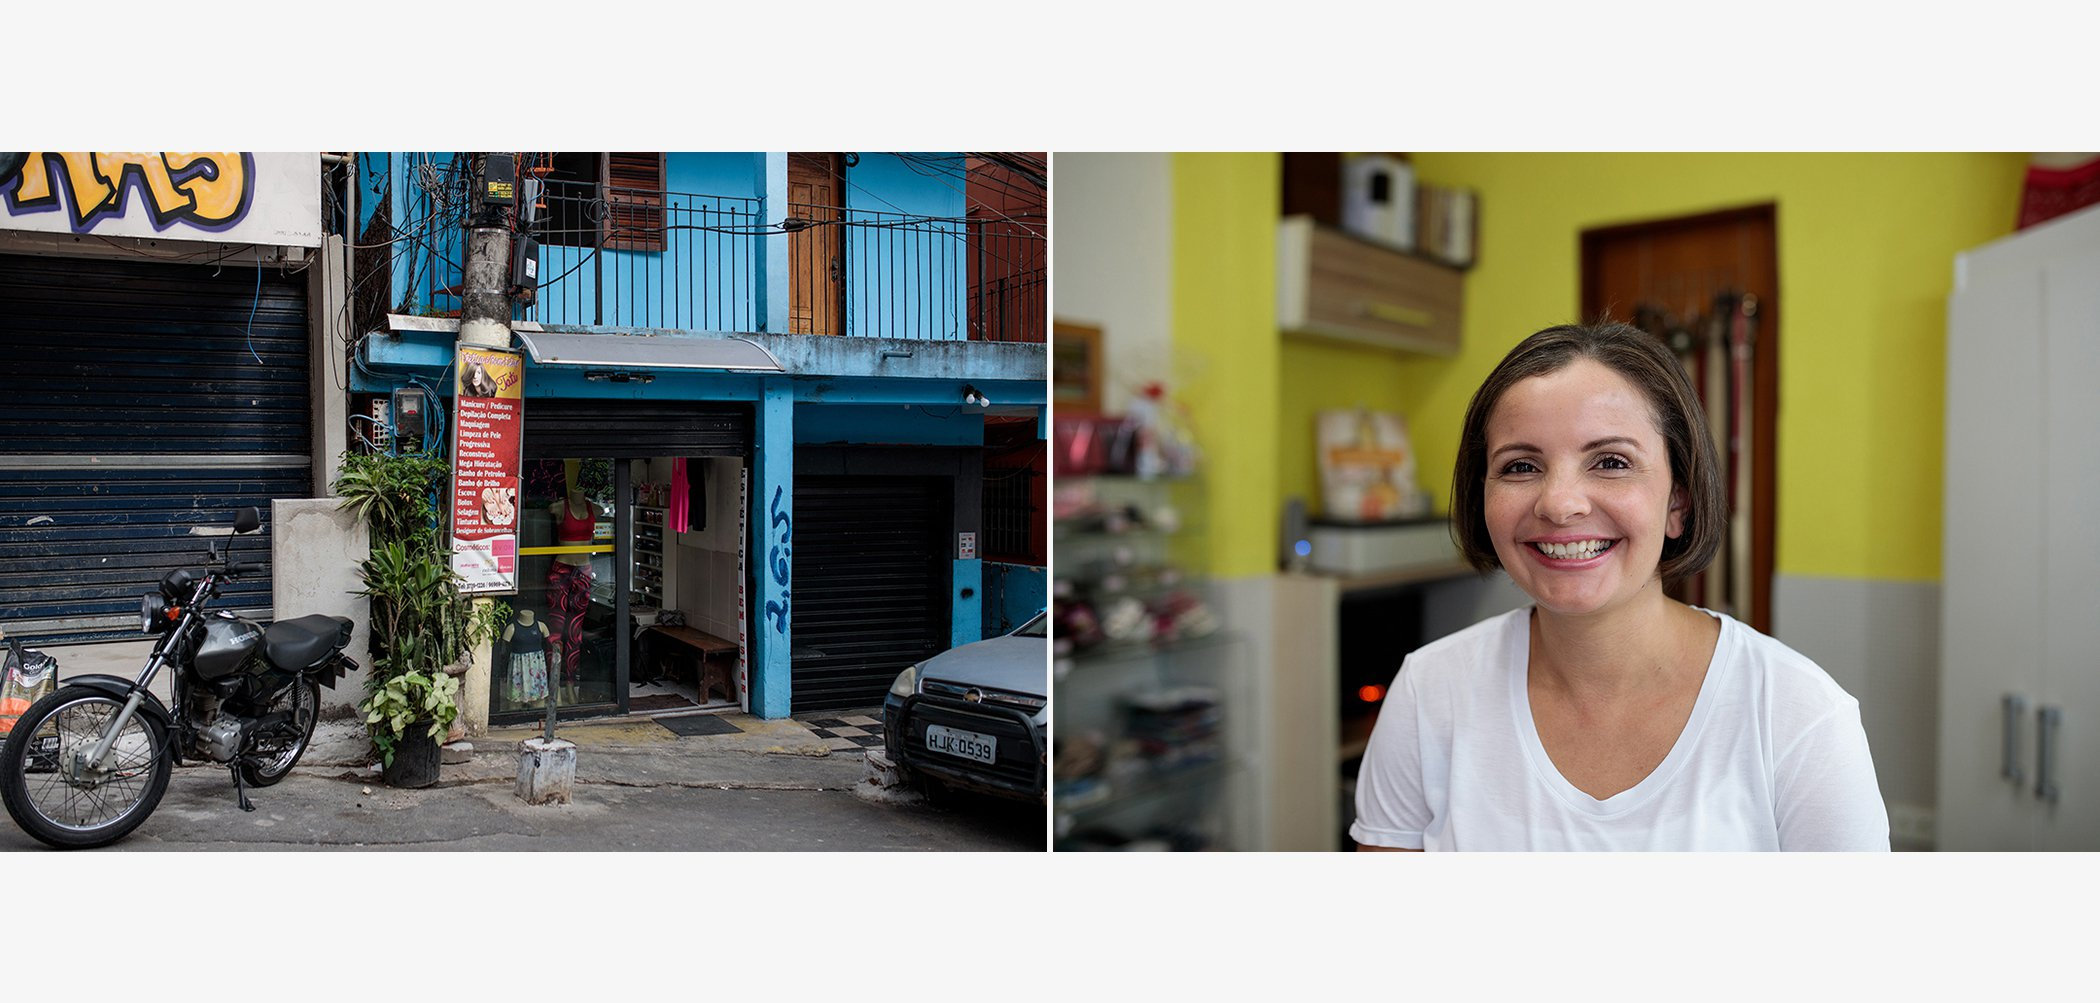 GCPrize_Luisa Bonin_Patricia MonteiroForGlobalCitizen_Diptych2.jpg